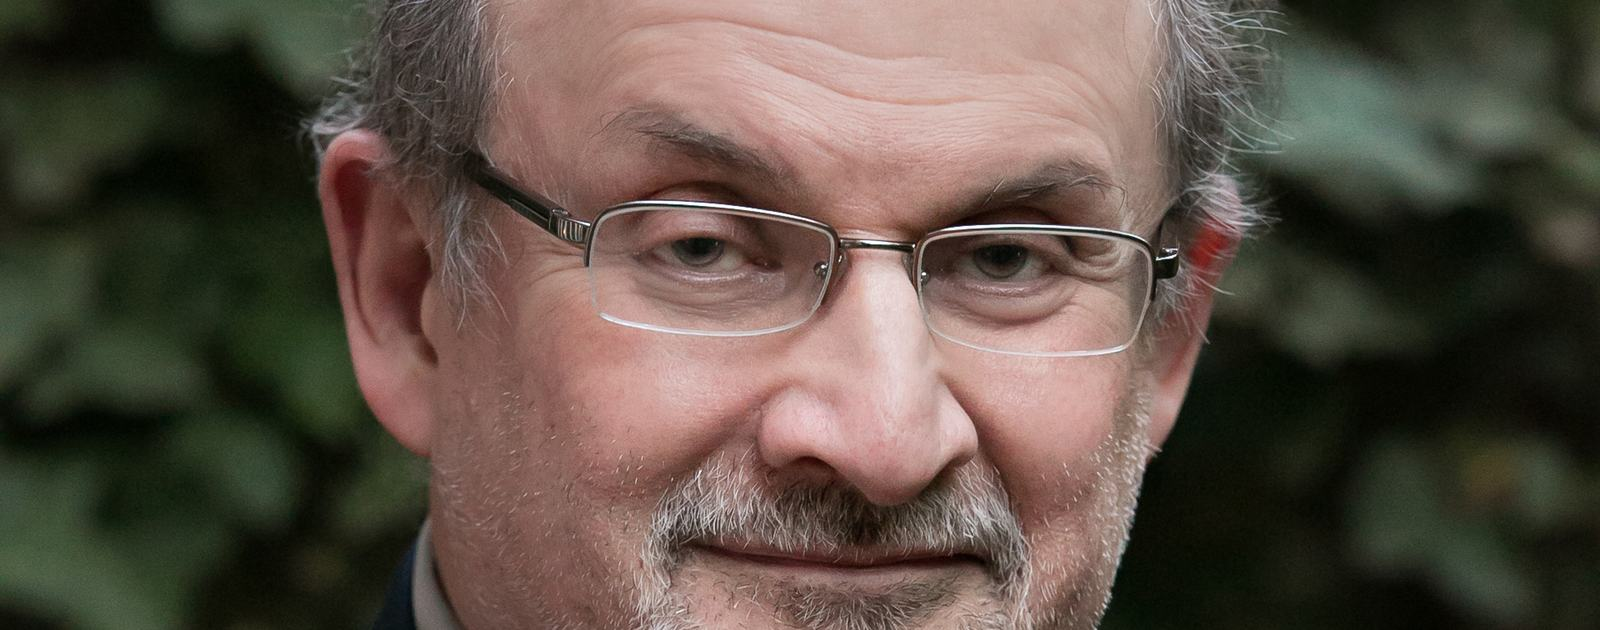 Salman Rushdie: From Midnight's Children to Trump's America